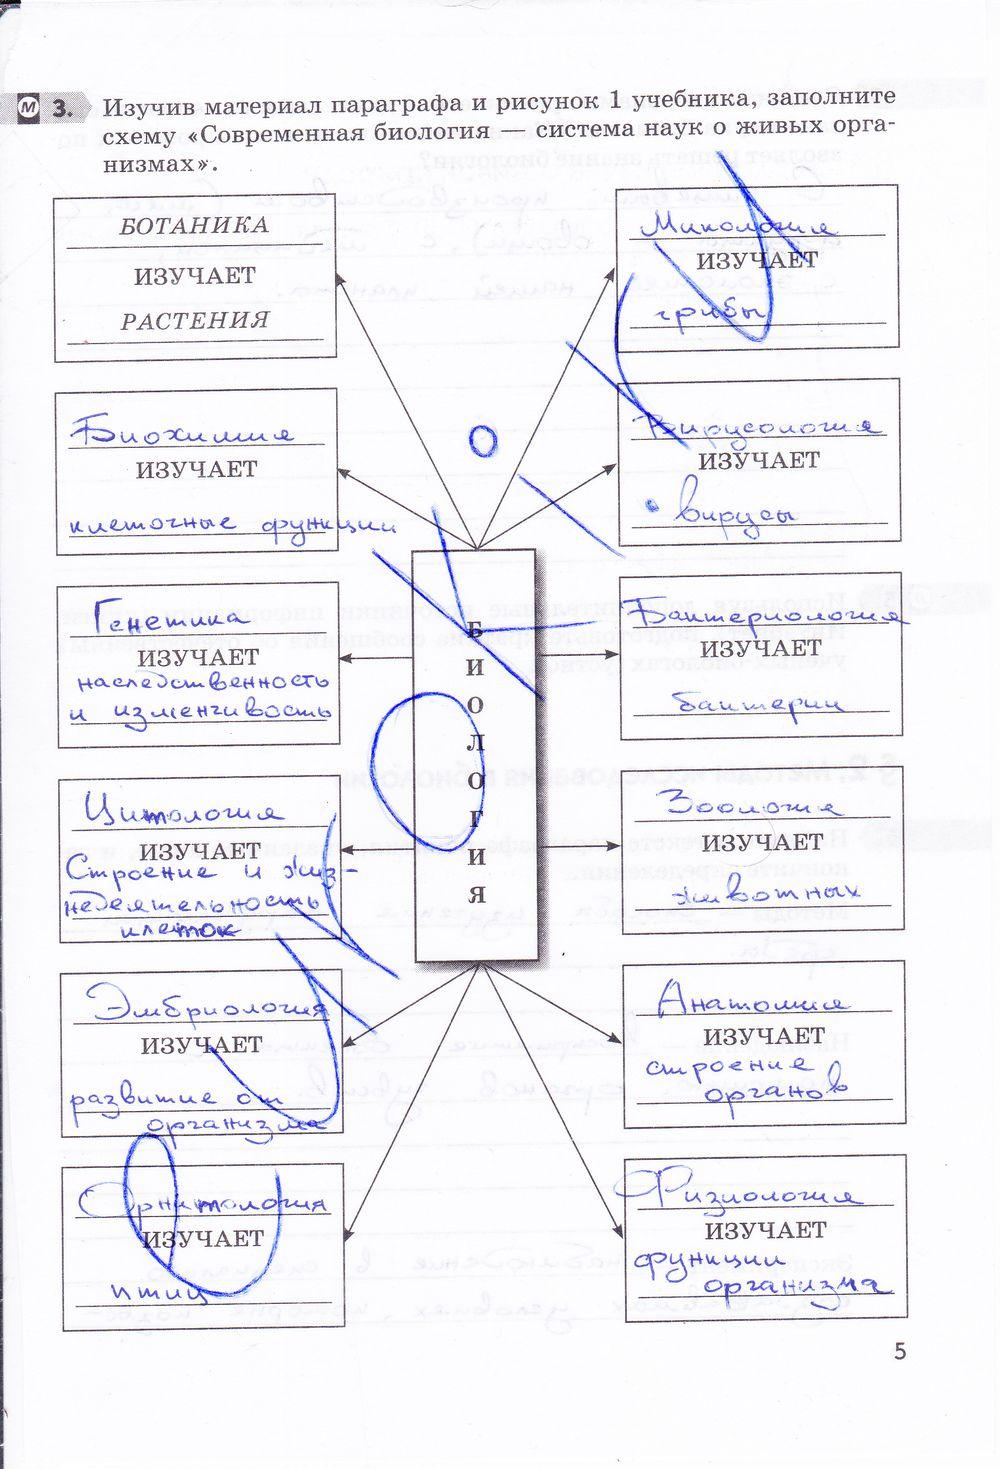 Решебник по русскому языку 6 класс львова и львов 1 часть пораграф